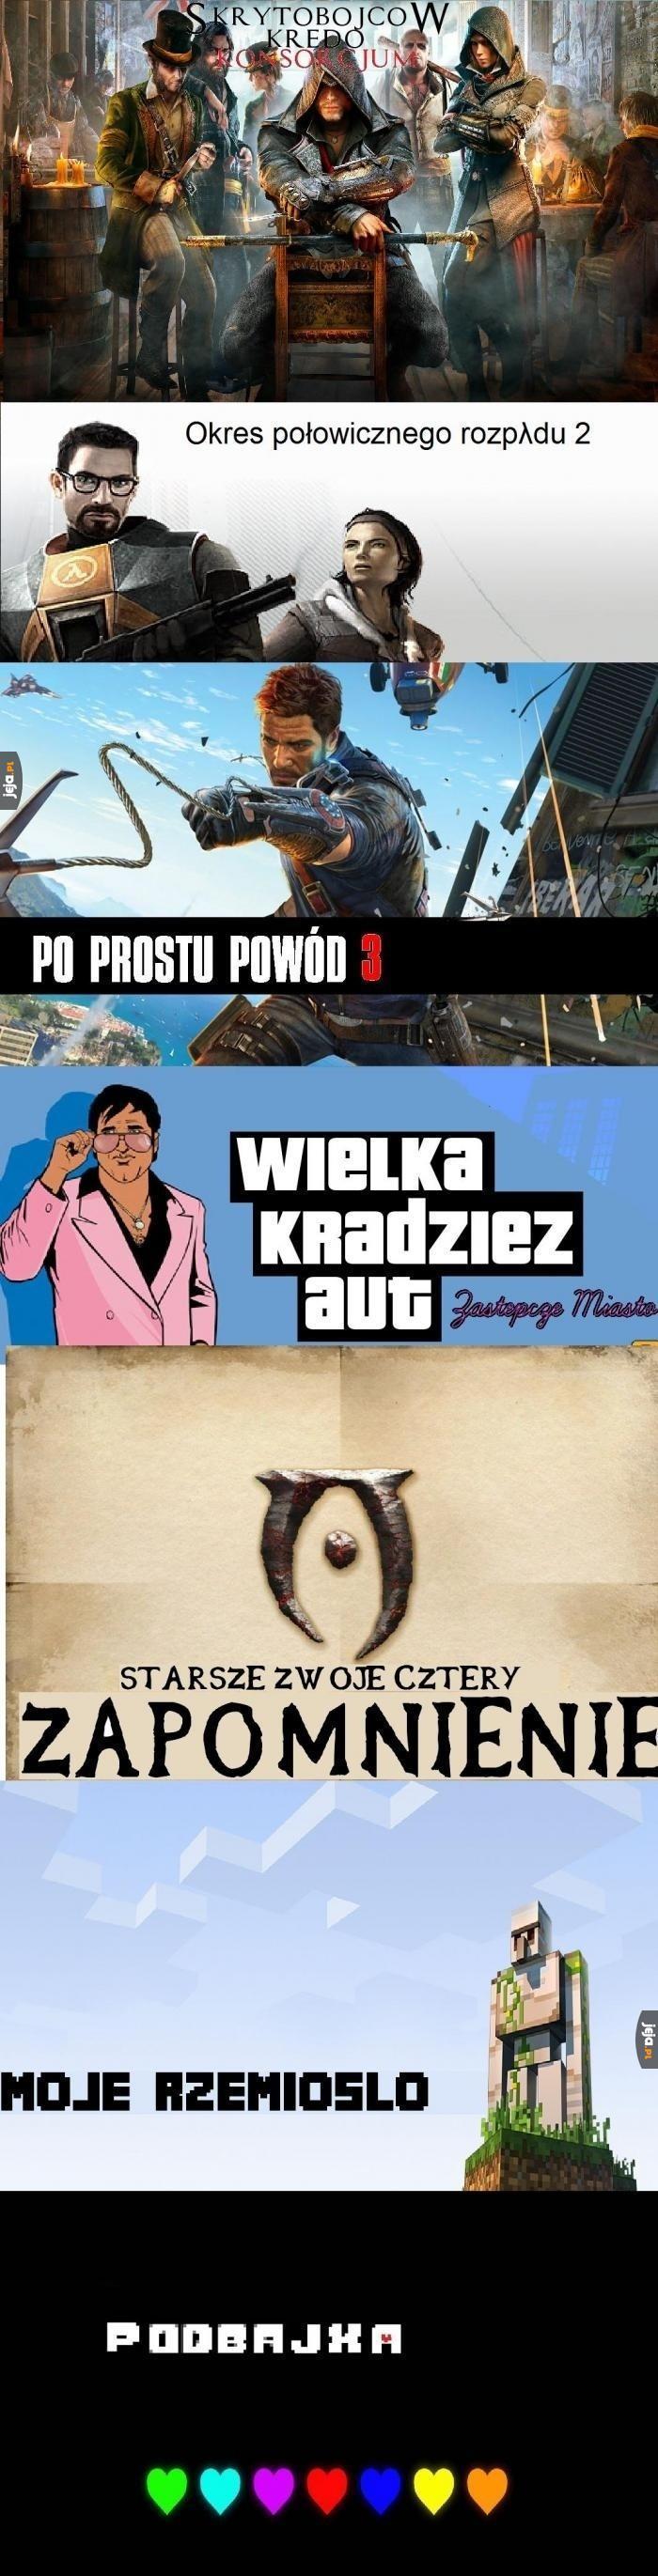 Dlaczego tytuły gier nie są tłumaczone